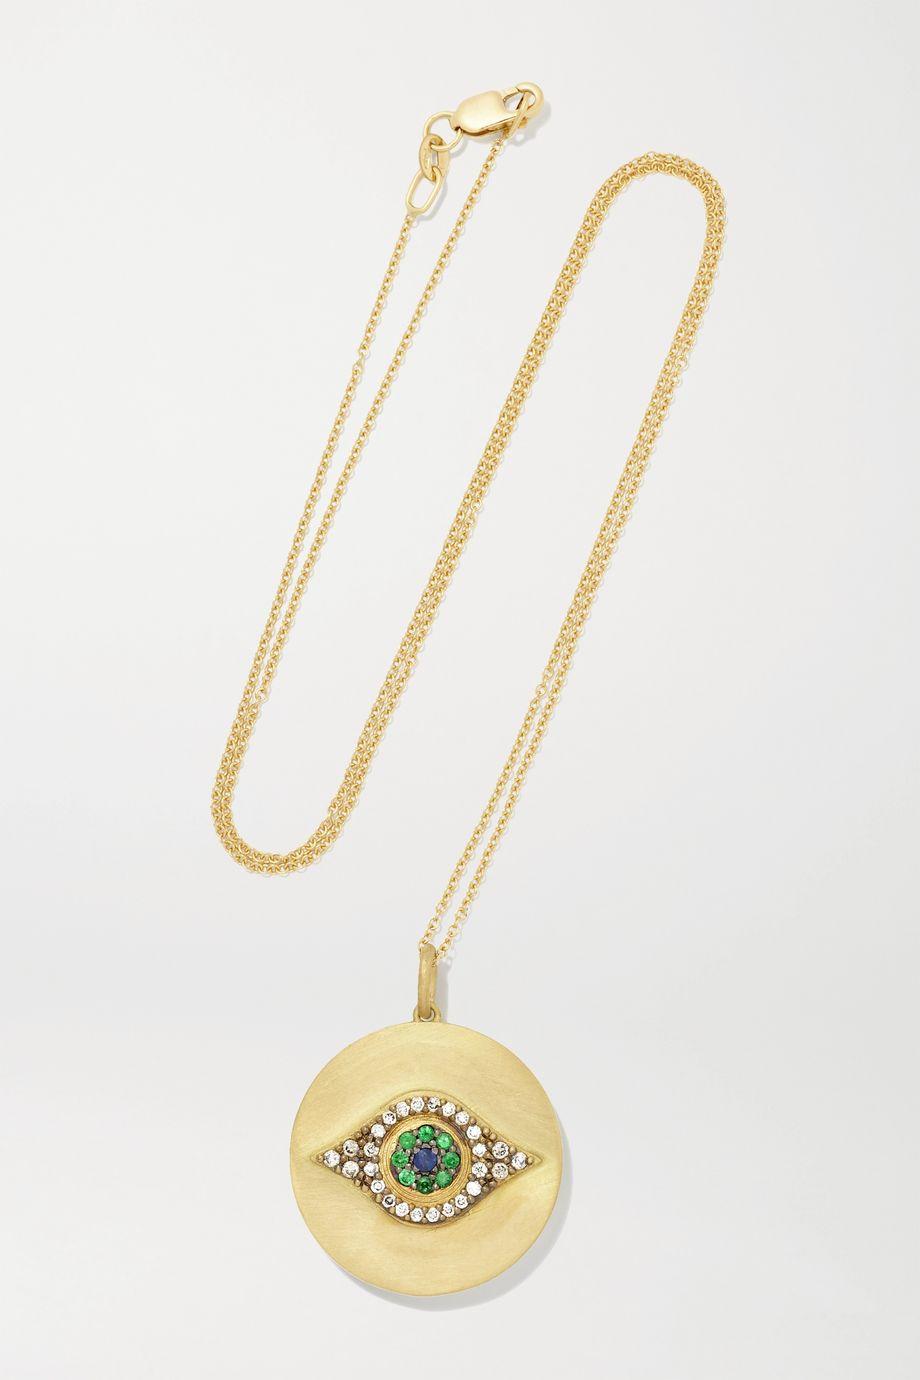 Ileana Makri Golden Dawn Kette aus 18 Karat Gold mit mehreren Steinen